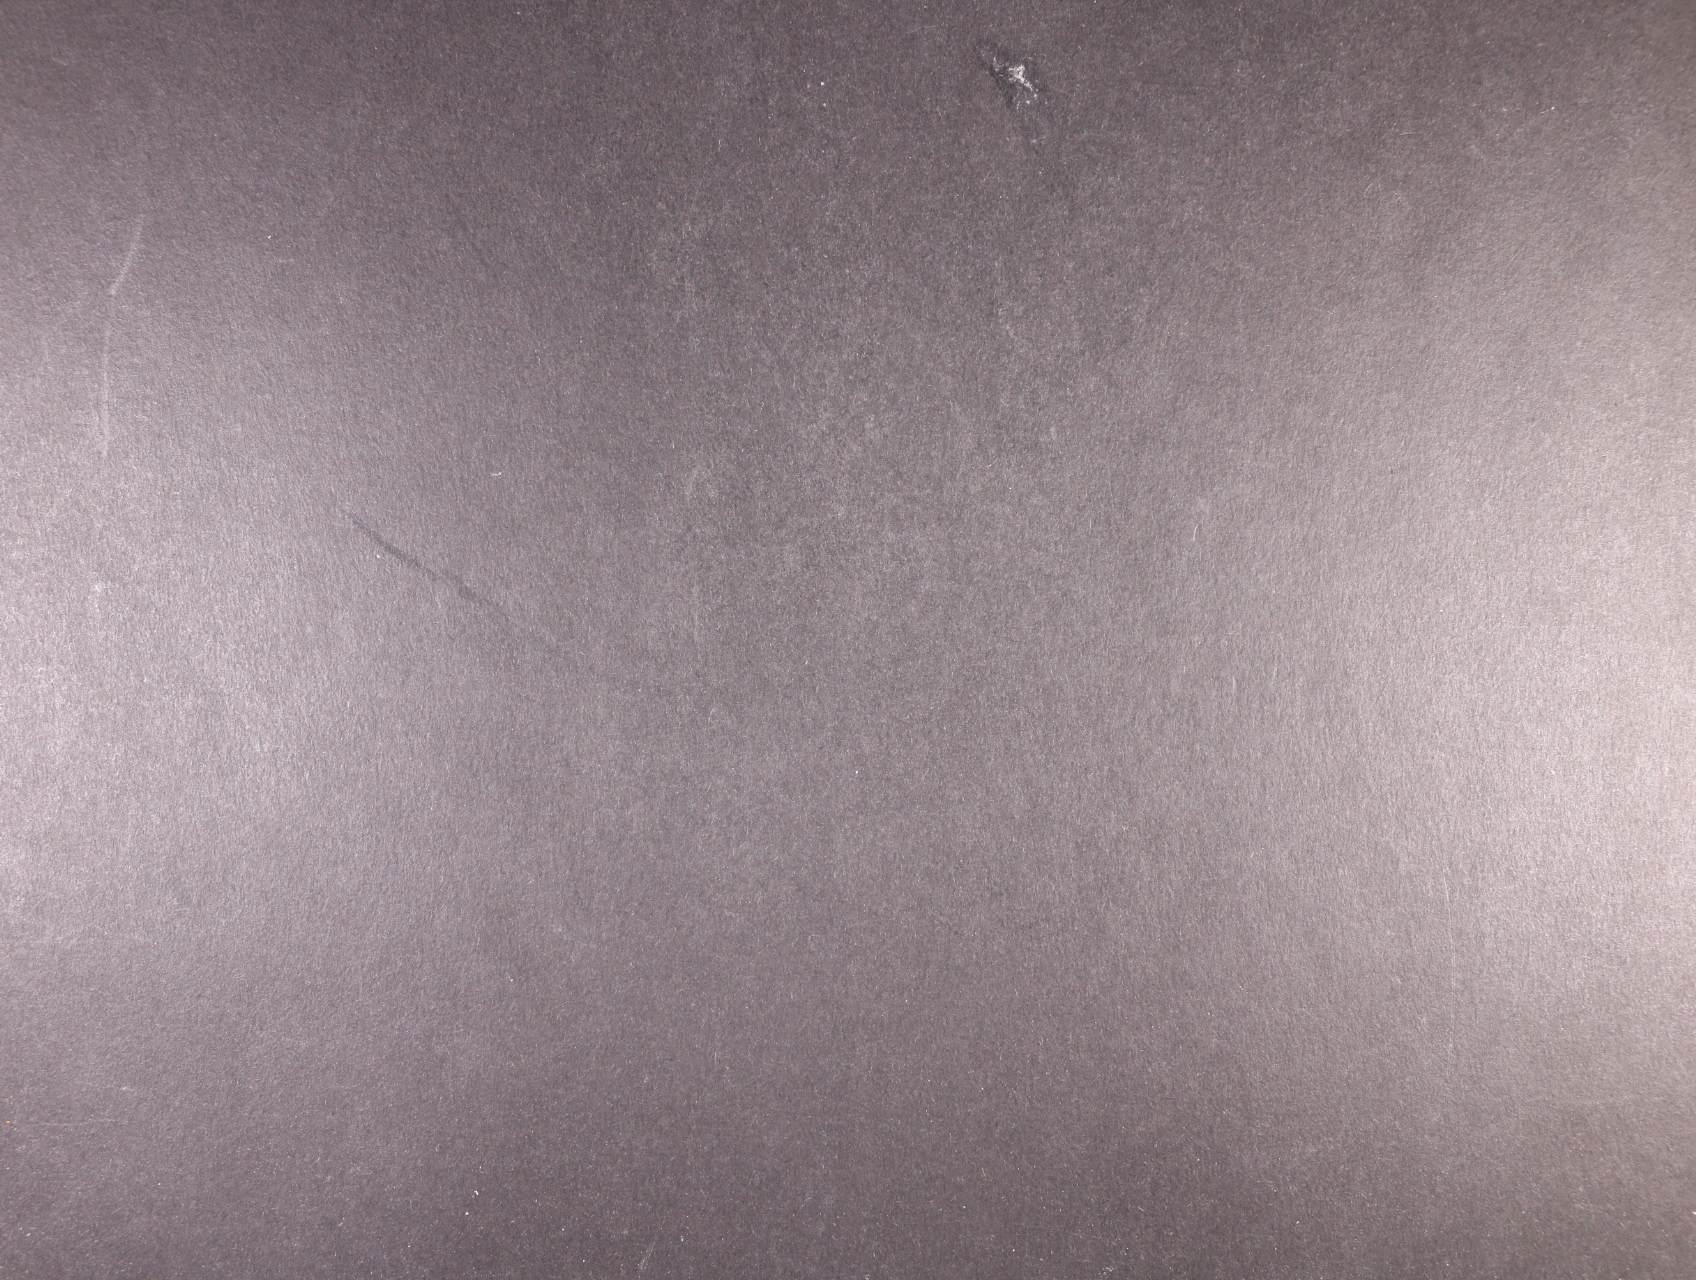 ČSR II - gen. sbírka zn. z let 1945 - 1957 svěží mimo aršíku Bratislava (razítkovaný), obsahuje mj. všechny kupony, vodorovné a svislé podkovy Kozina, kat. cena cca 11600 Kč, uloženo na zasklených listech Pofis v pér. deskách